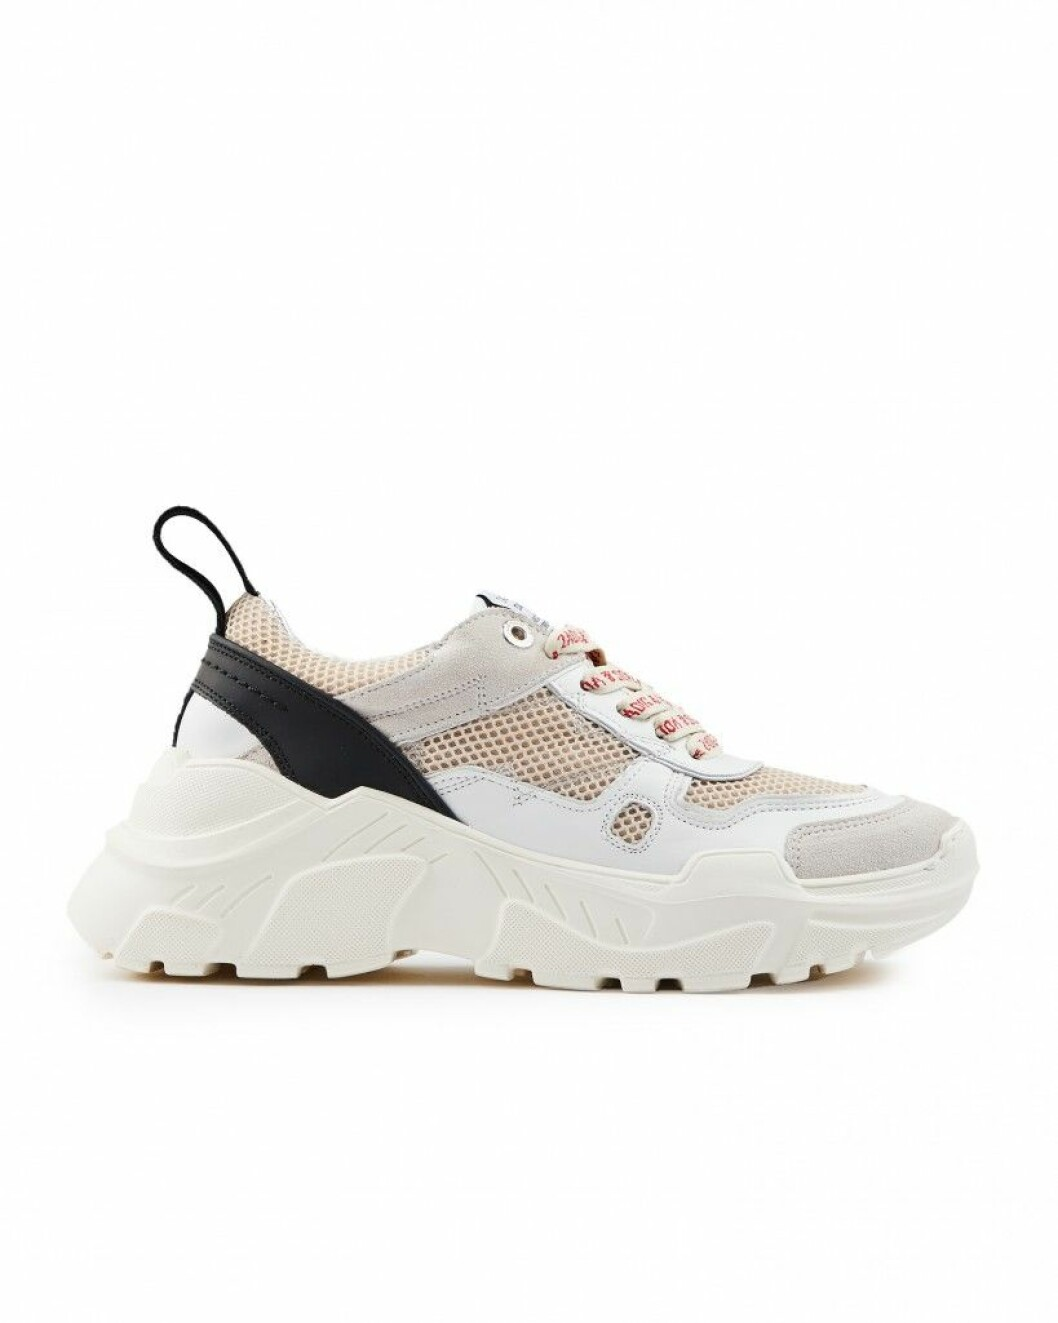 Vita sneakers med detaljer i svart, rosa och beige.